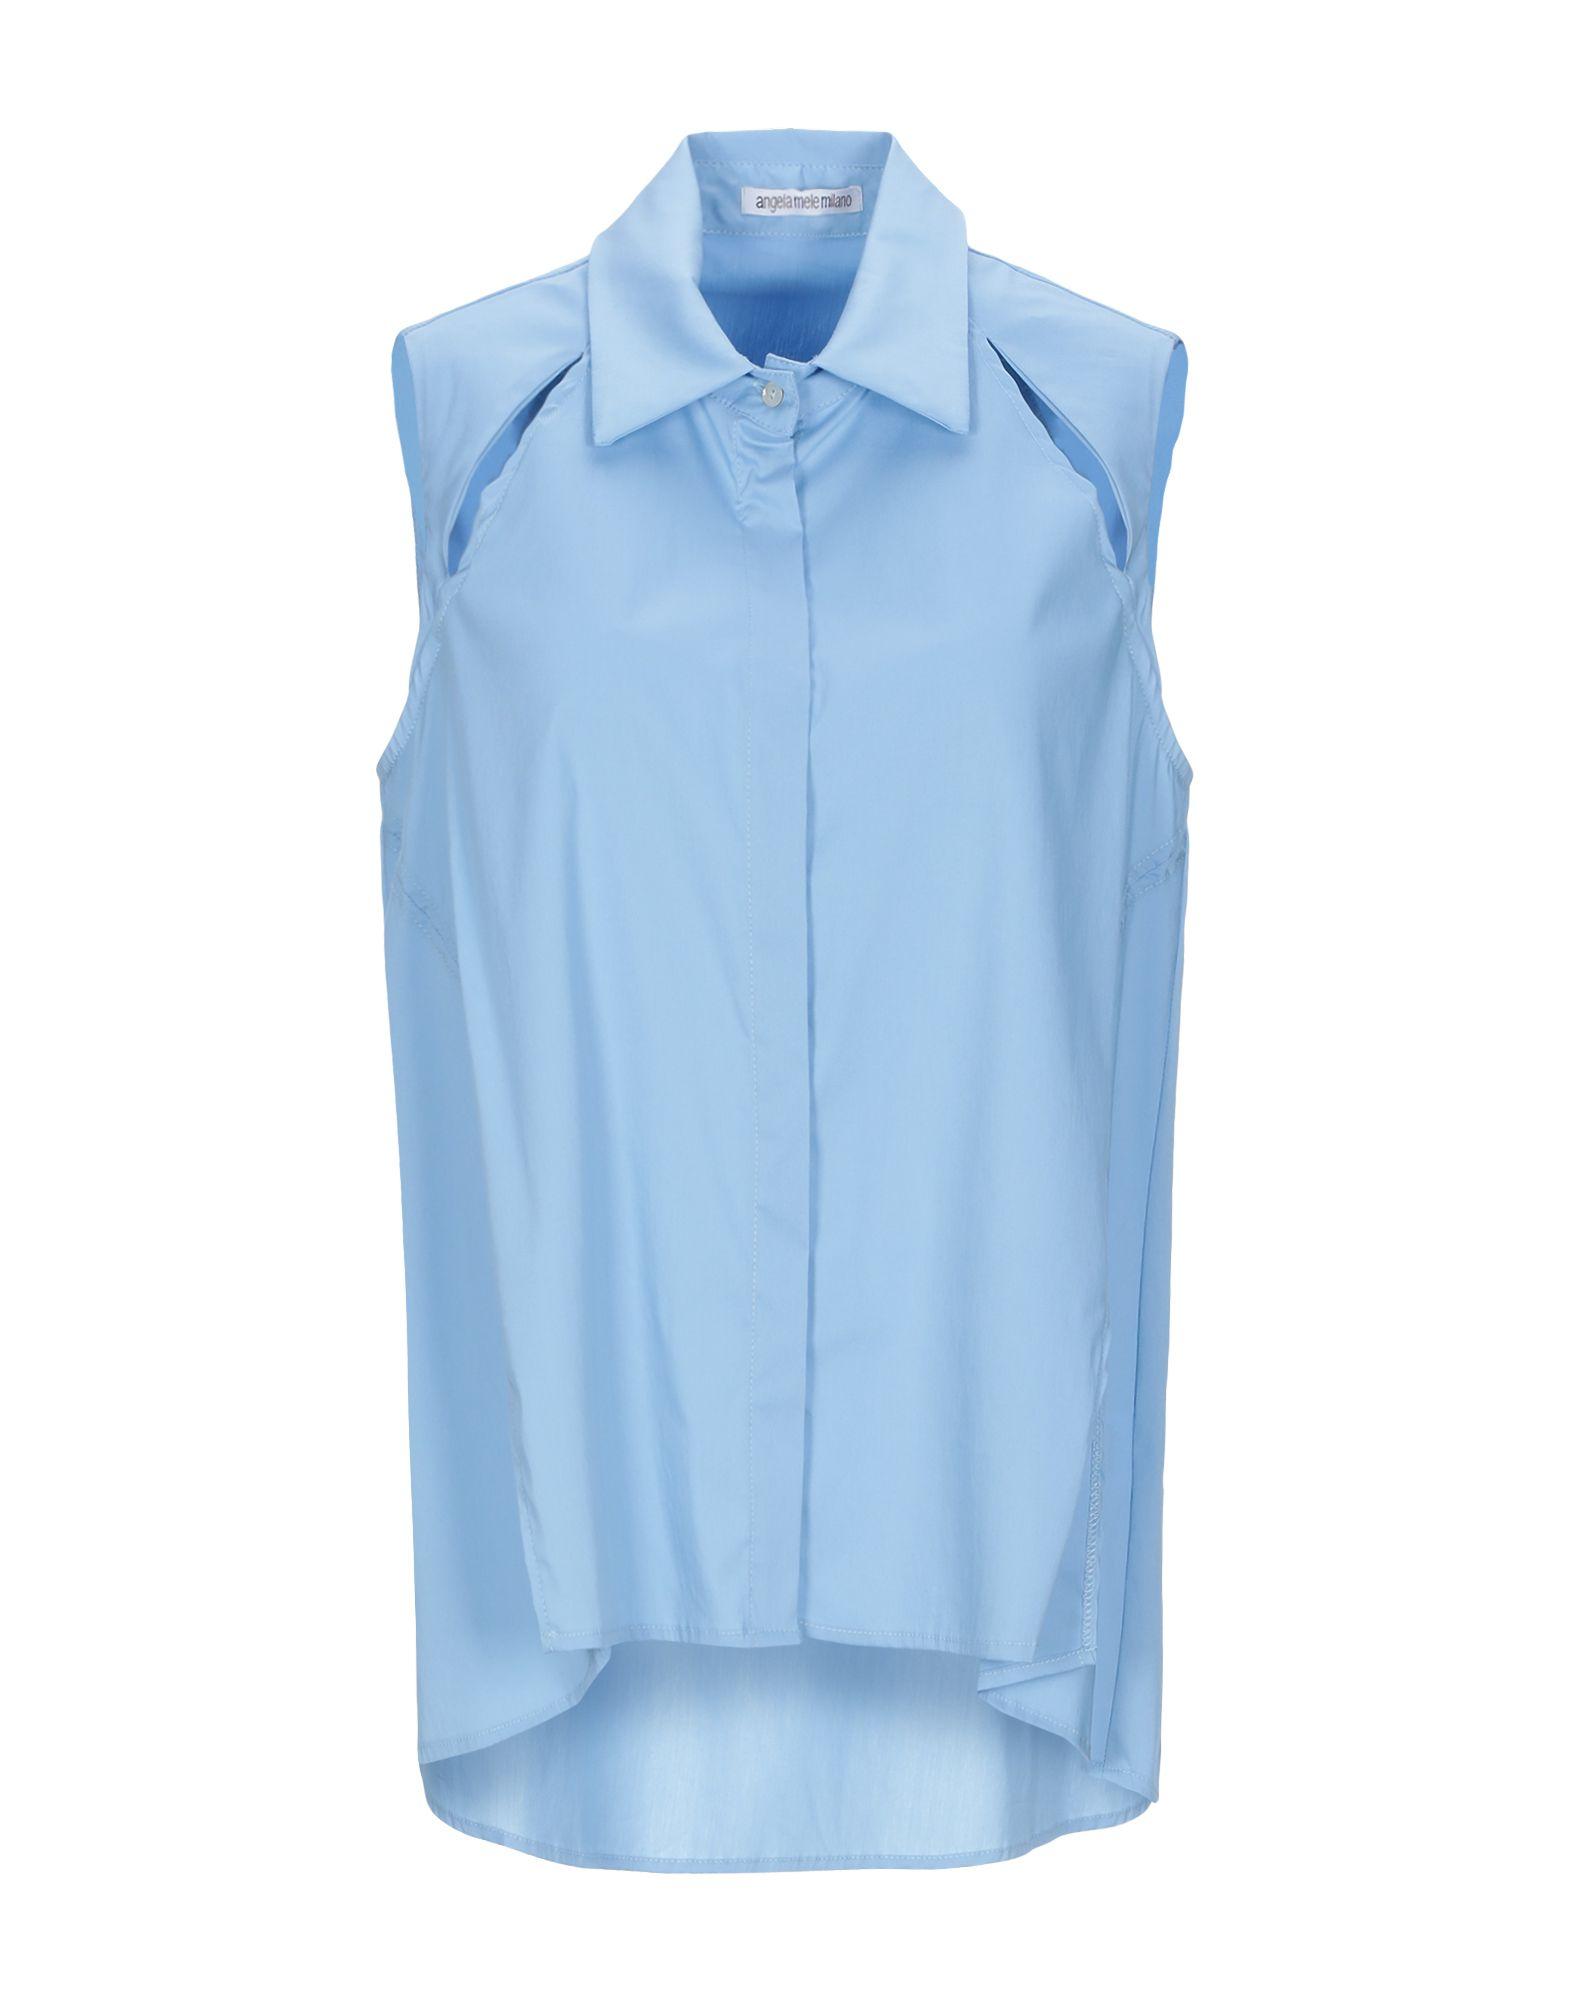 ANGELA MELE MILANO Pубашка white 5 milano pубашка